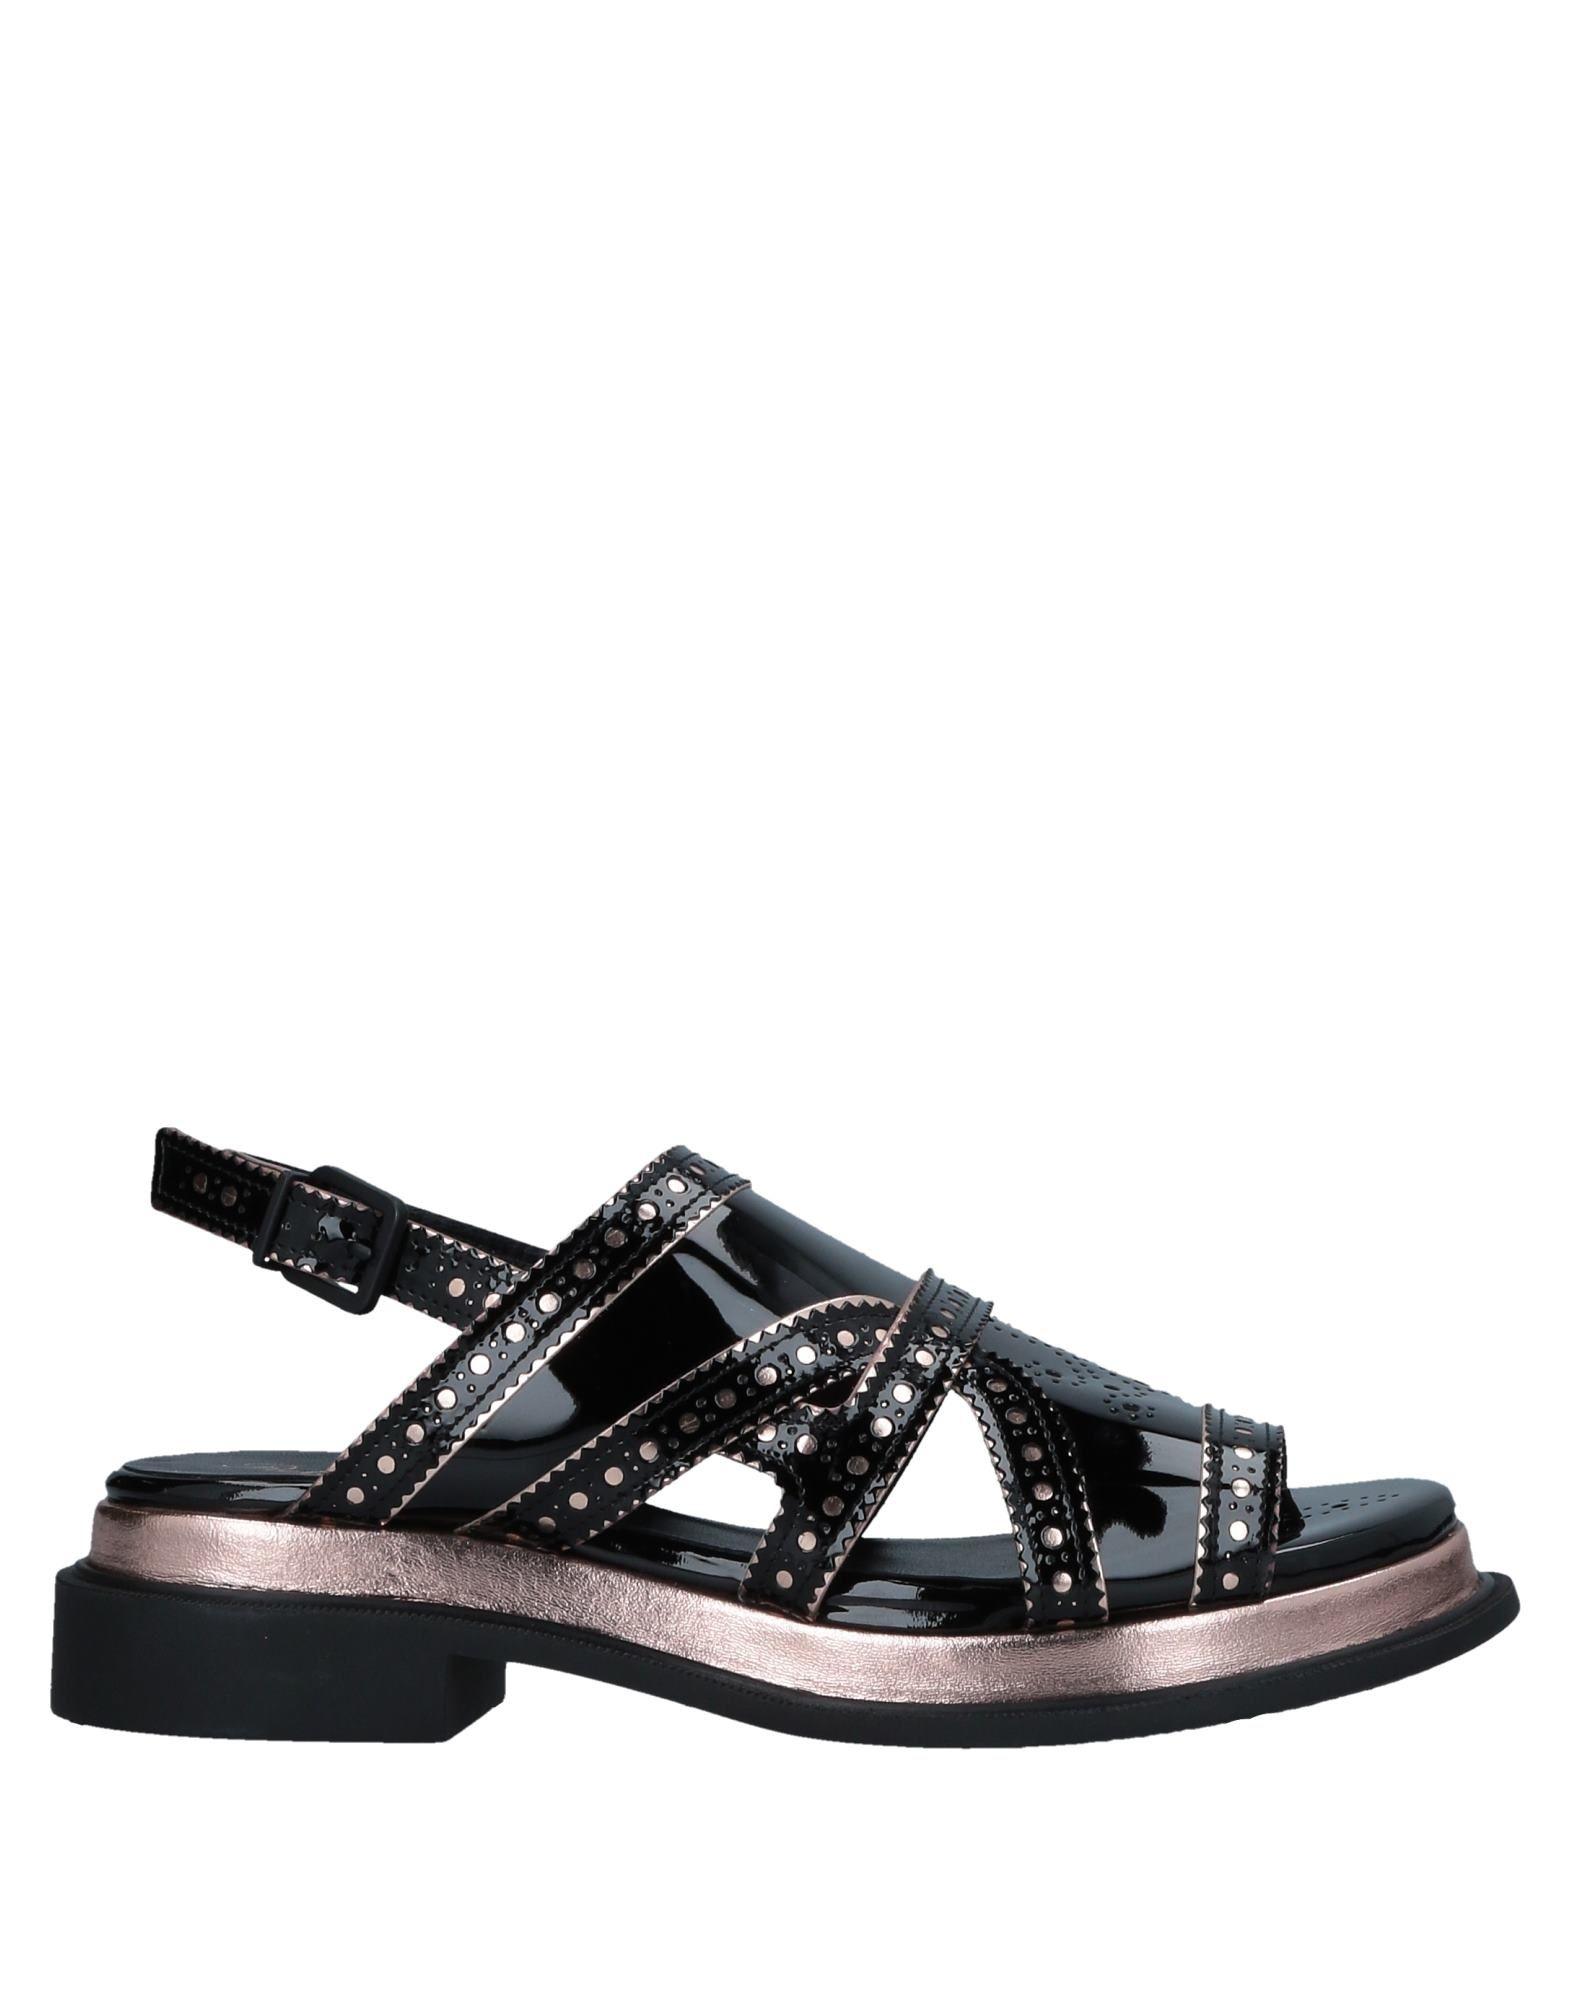 Rabatt Damen Schuhe Robert Clergerie Sandalen Damen Rabatt  11533835DD b572be